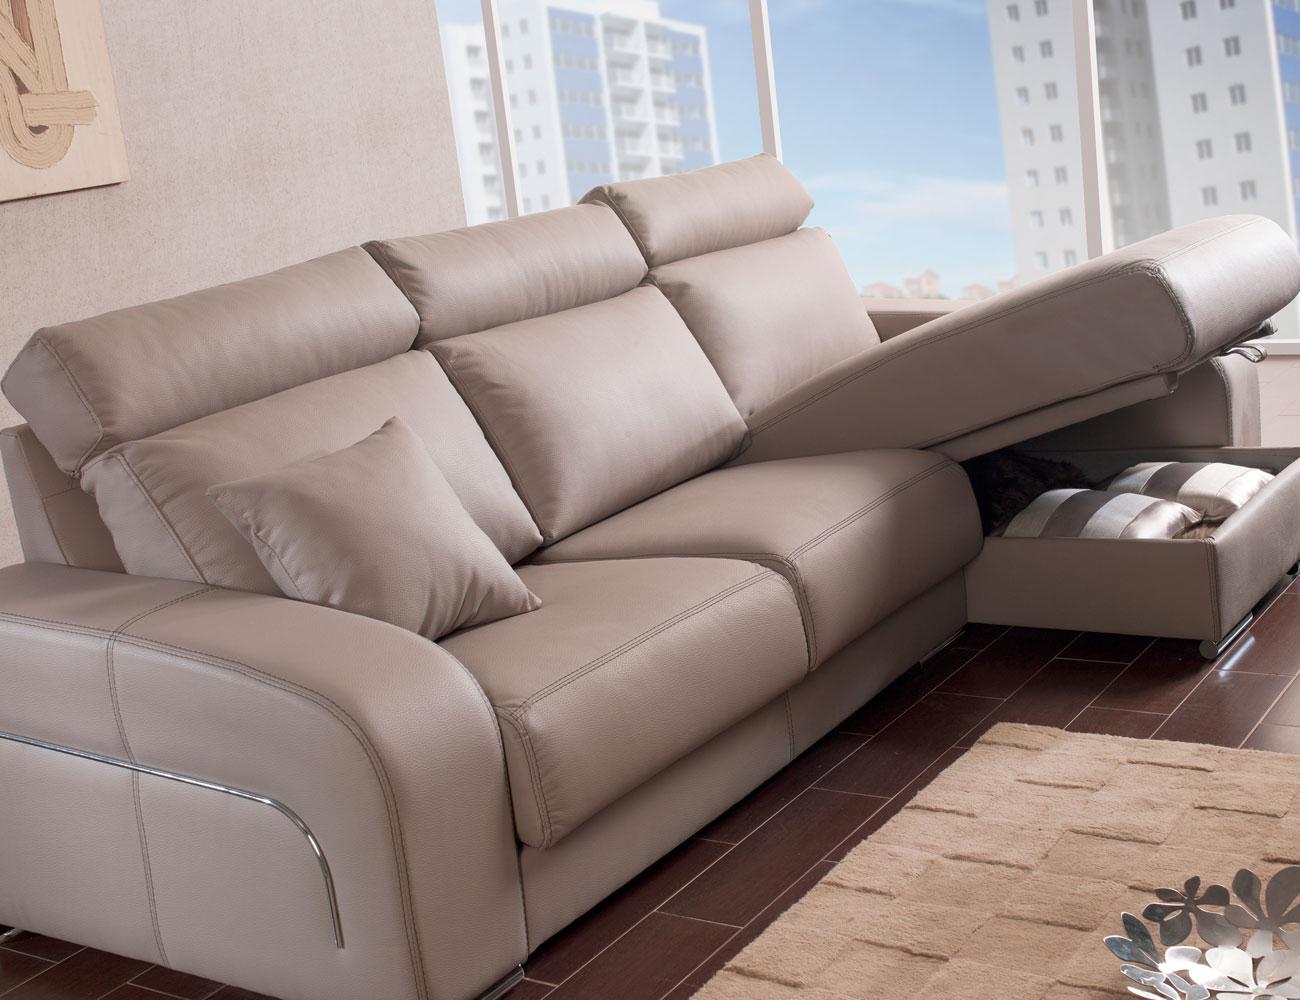 Sofa chaiselongue moderno pared cero arcon69